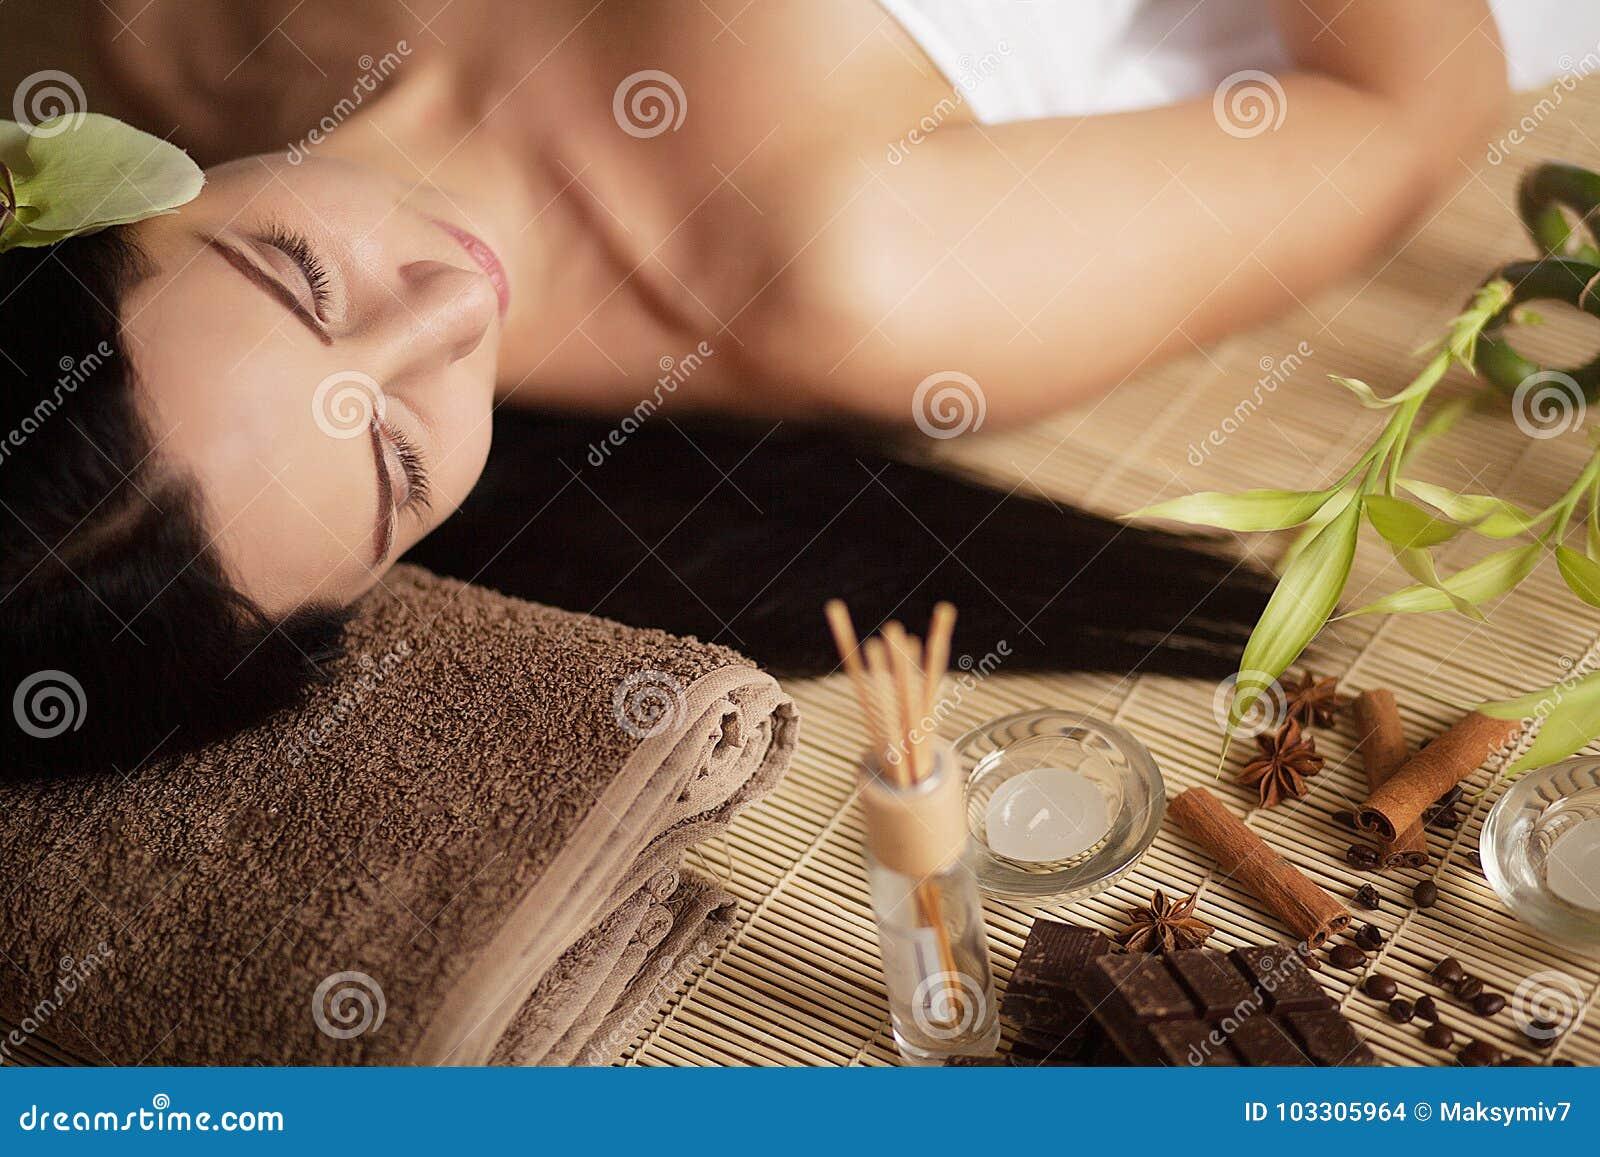 Närbild av en ung kvinna som får Spa behandling Närbild av en ung kvinna som får brunnsortbehandling